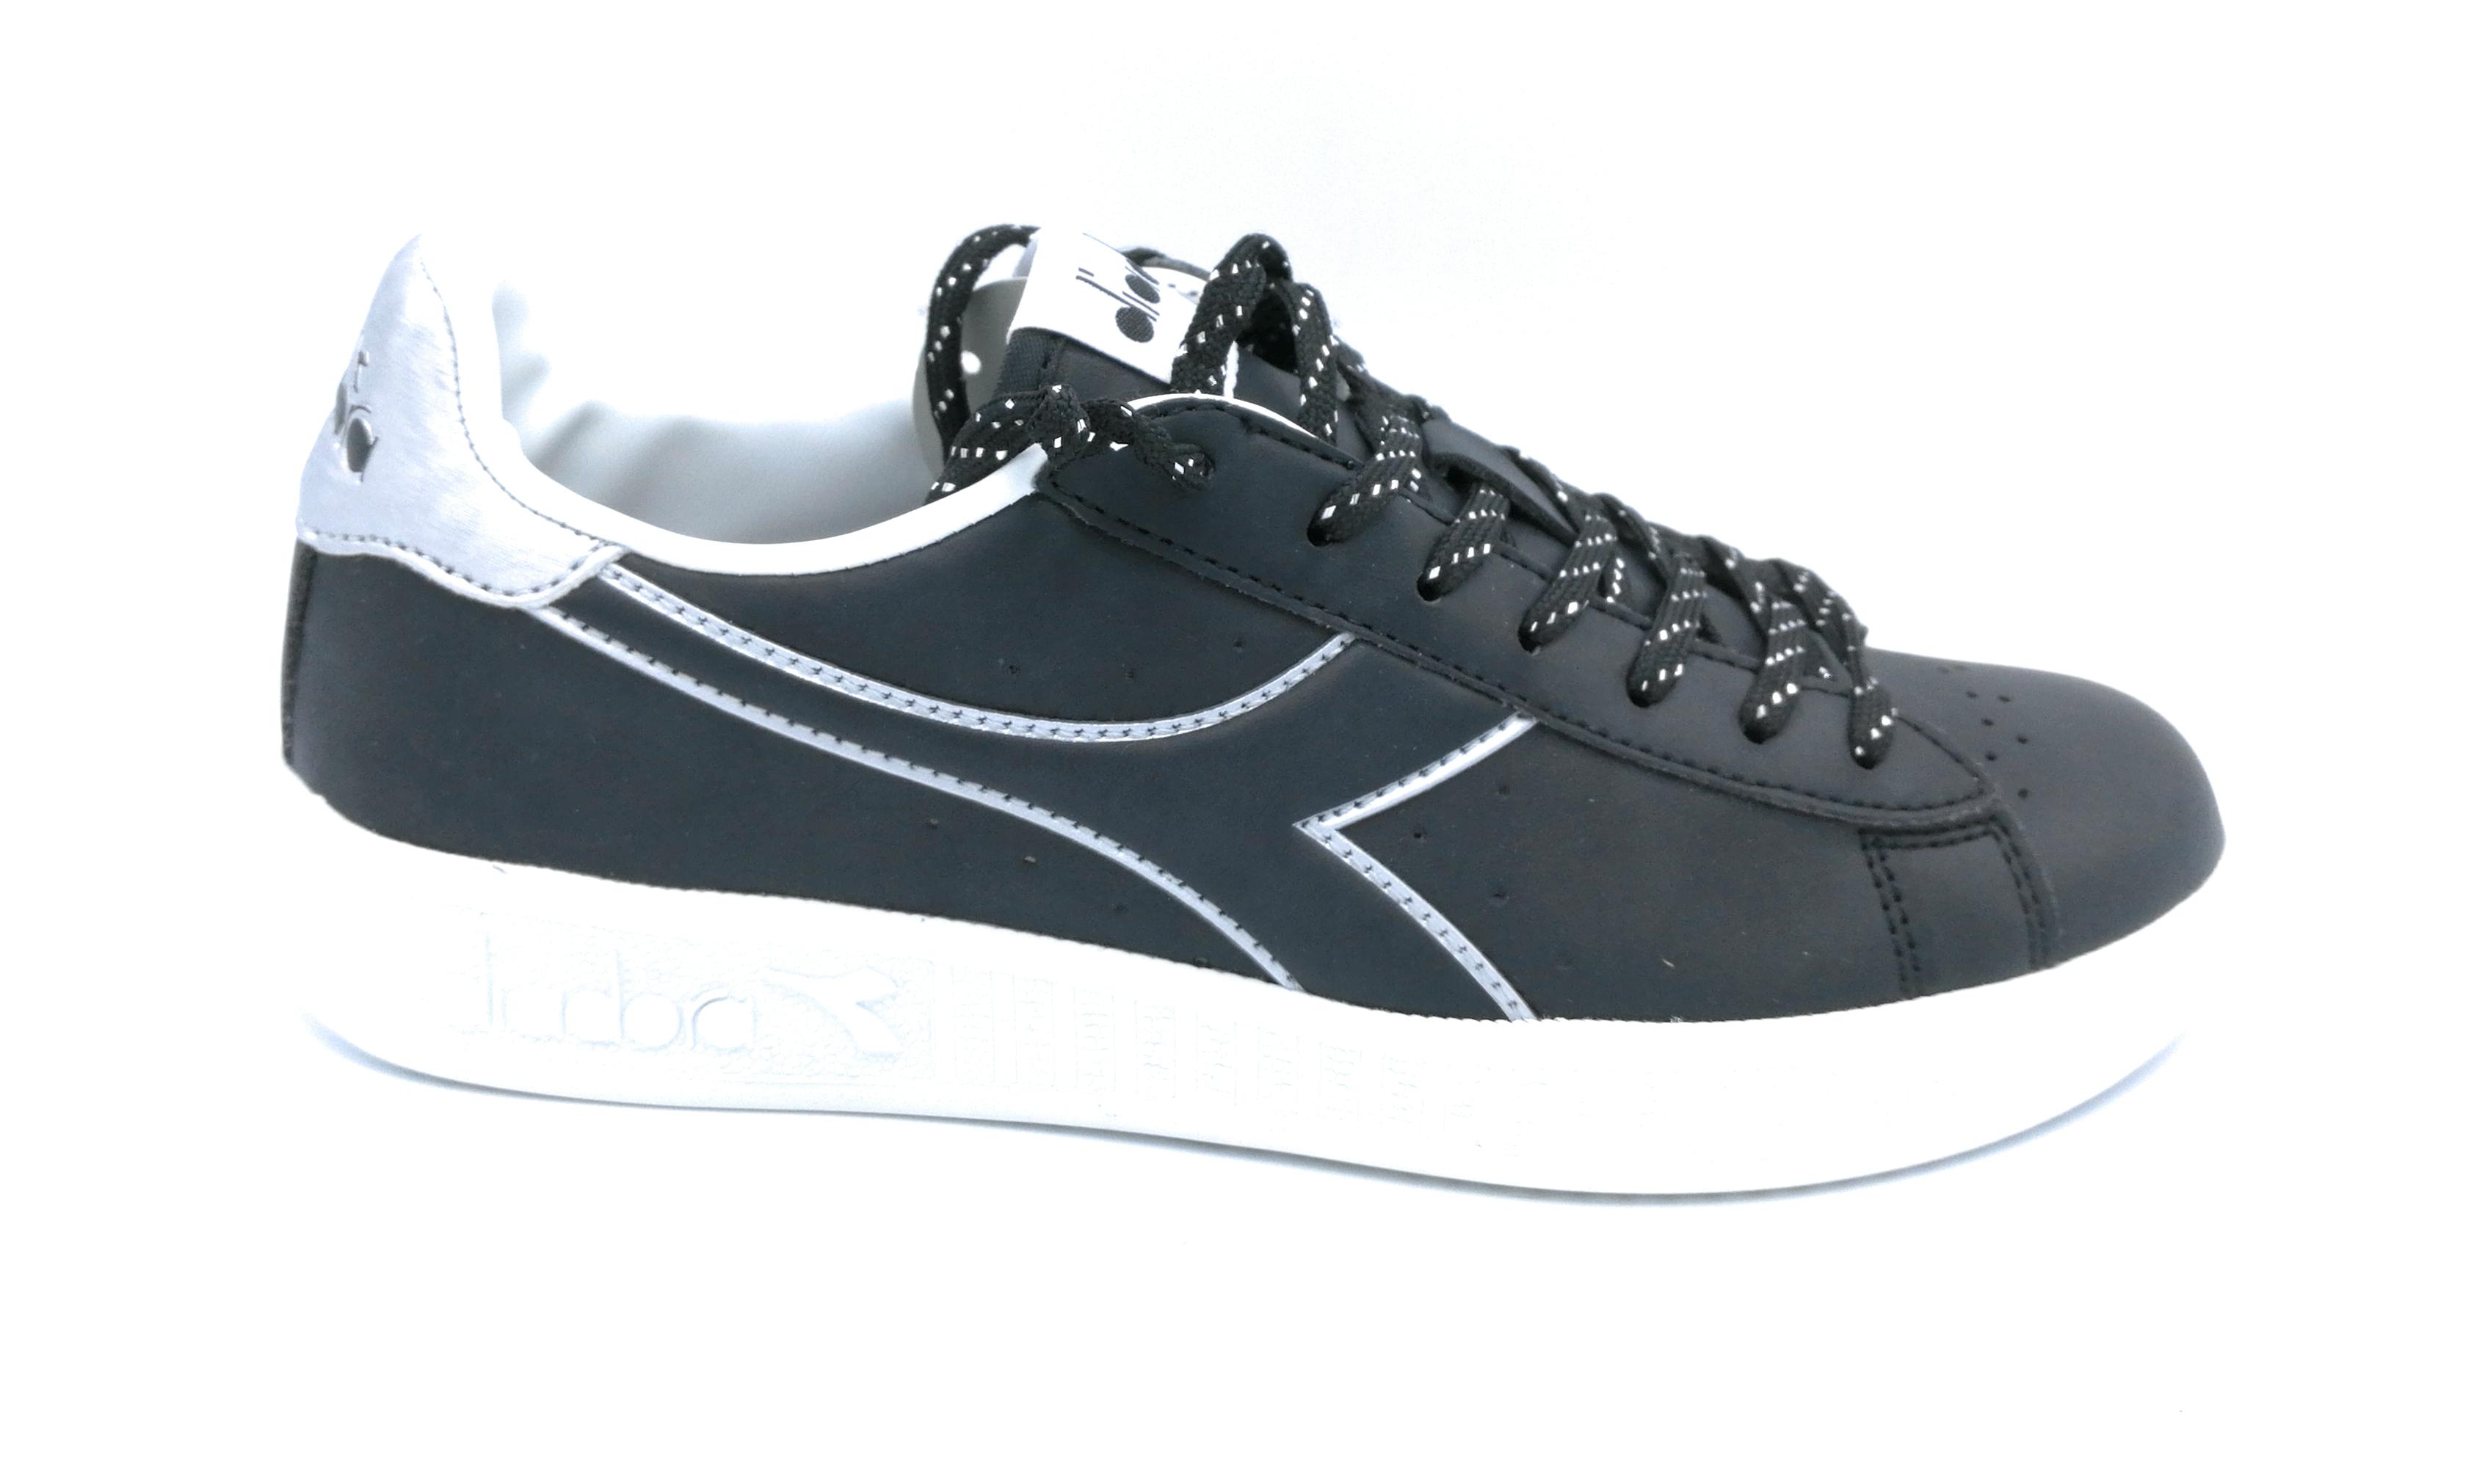 Pwn Pwn Argento Nero Oro Lacci Nero Argento Auq0twx50 Bianca Sneaker Game Diadora 5b387b